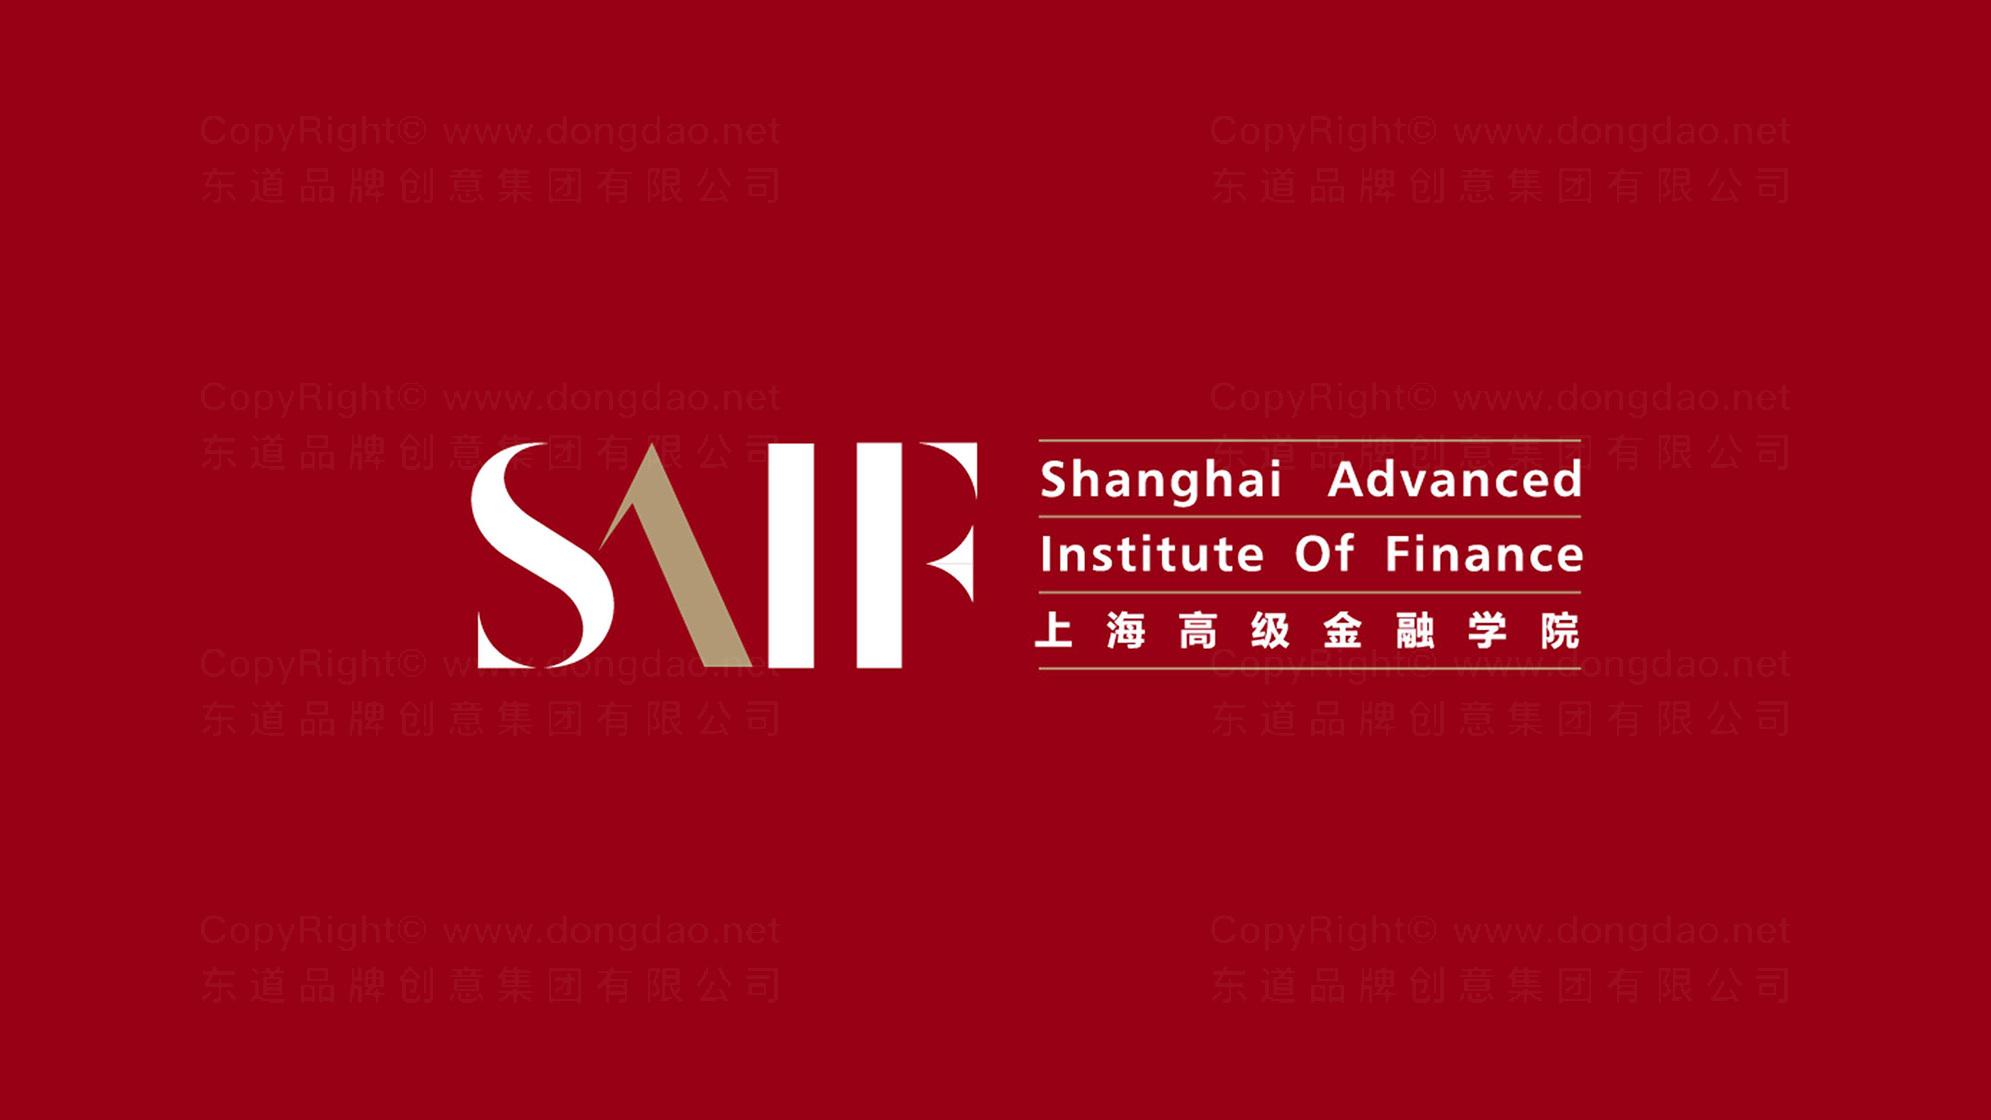 品牌设计上海高级金融学院logo设计、vi设计应用场景_1